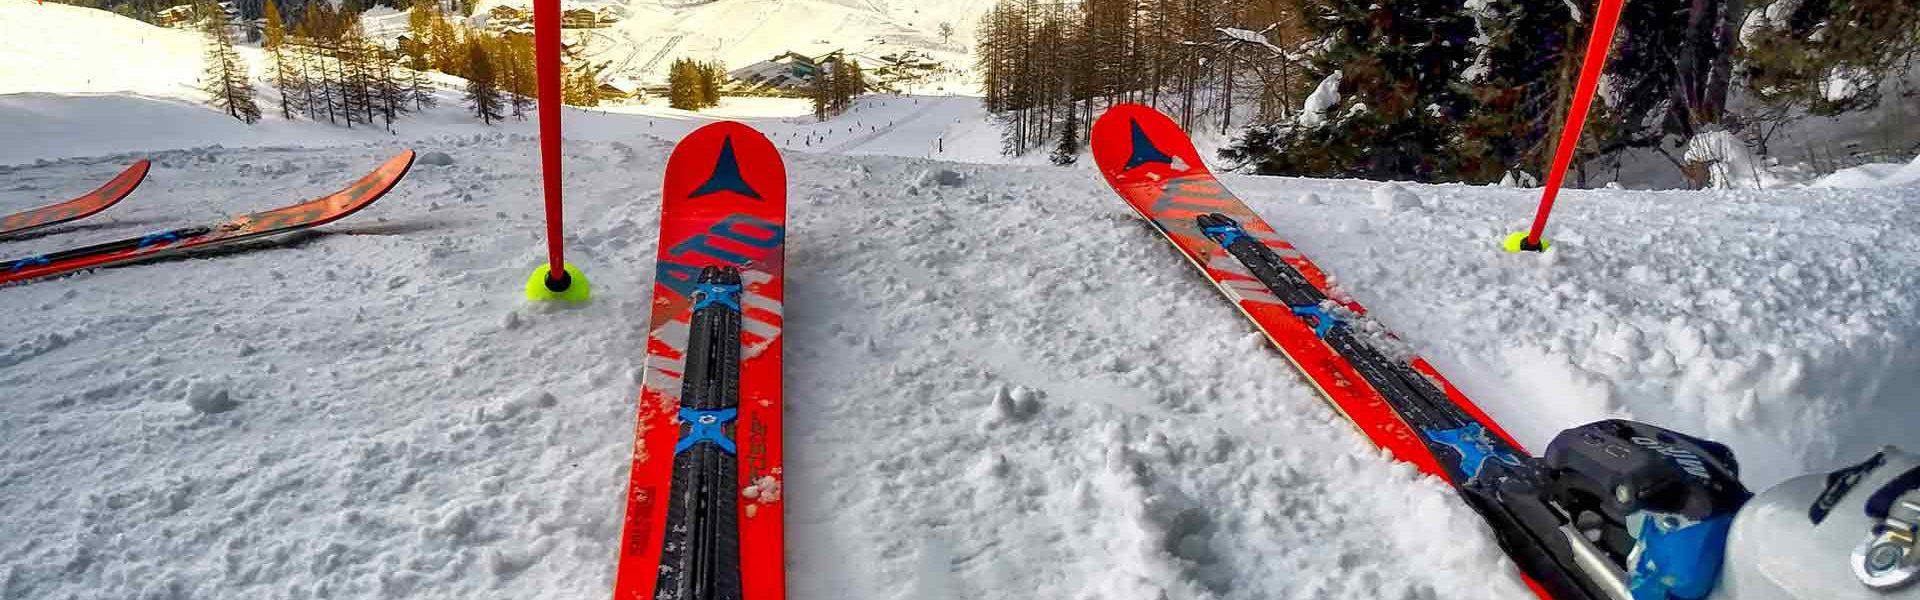 skis-1785285